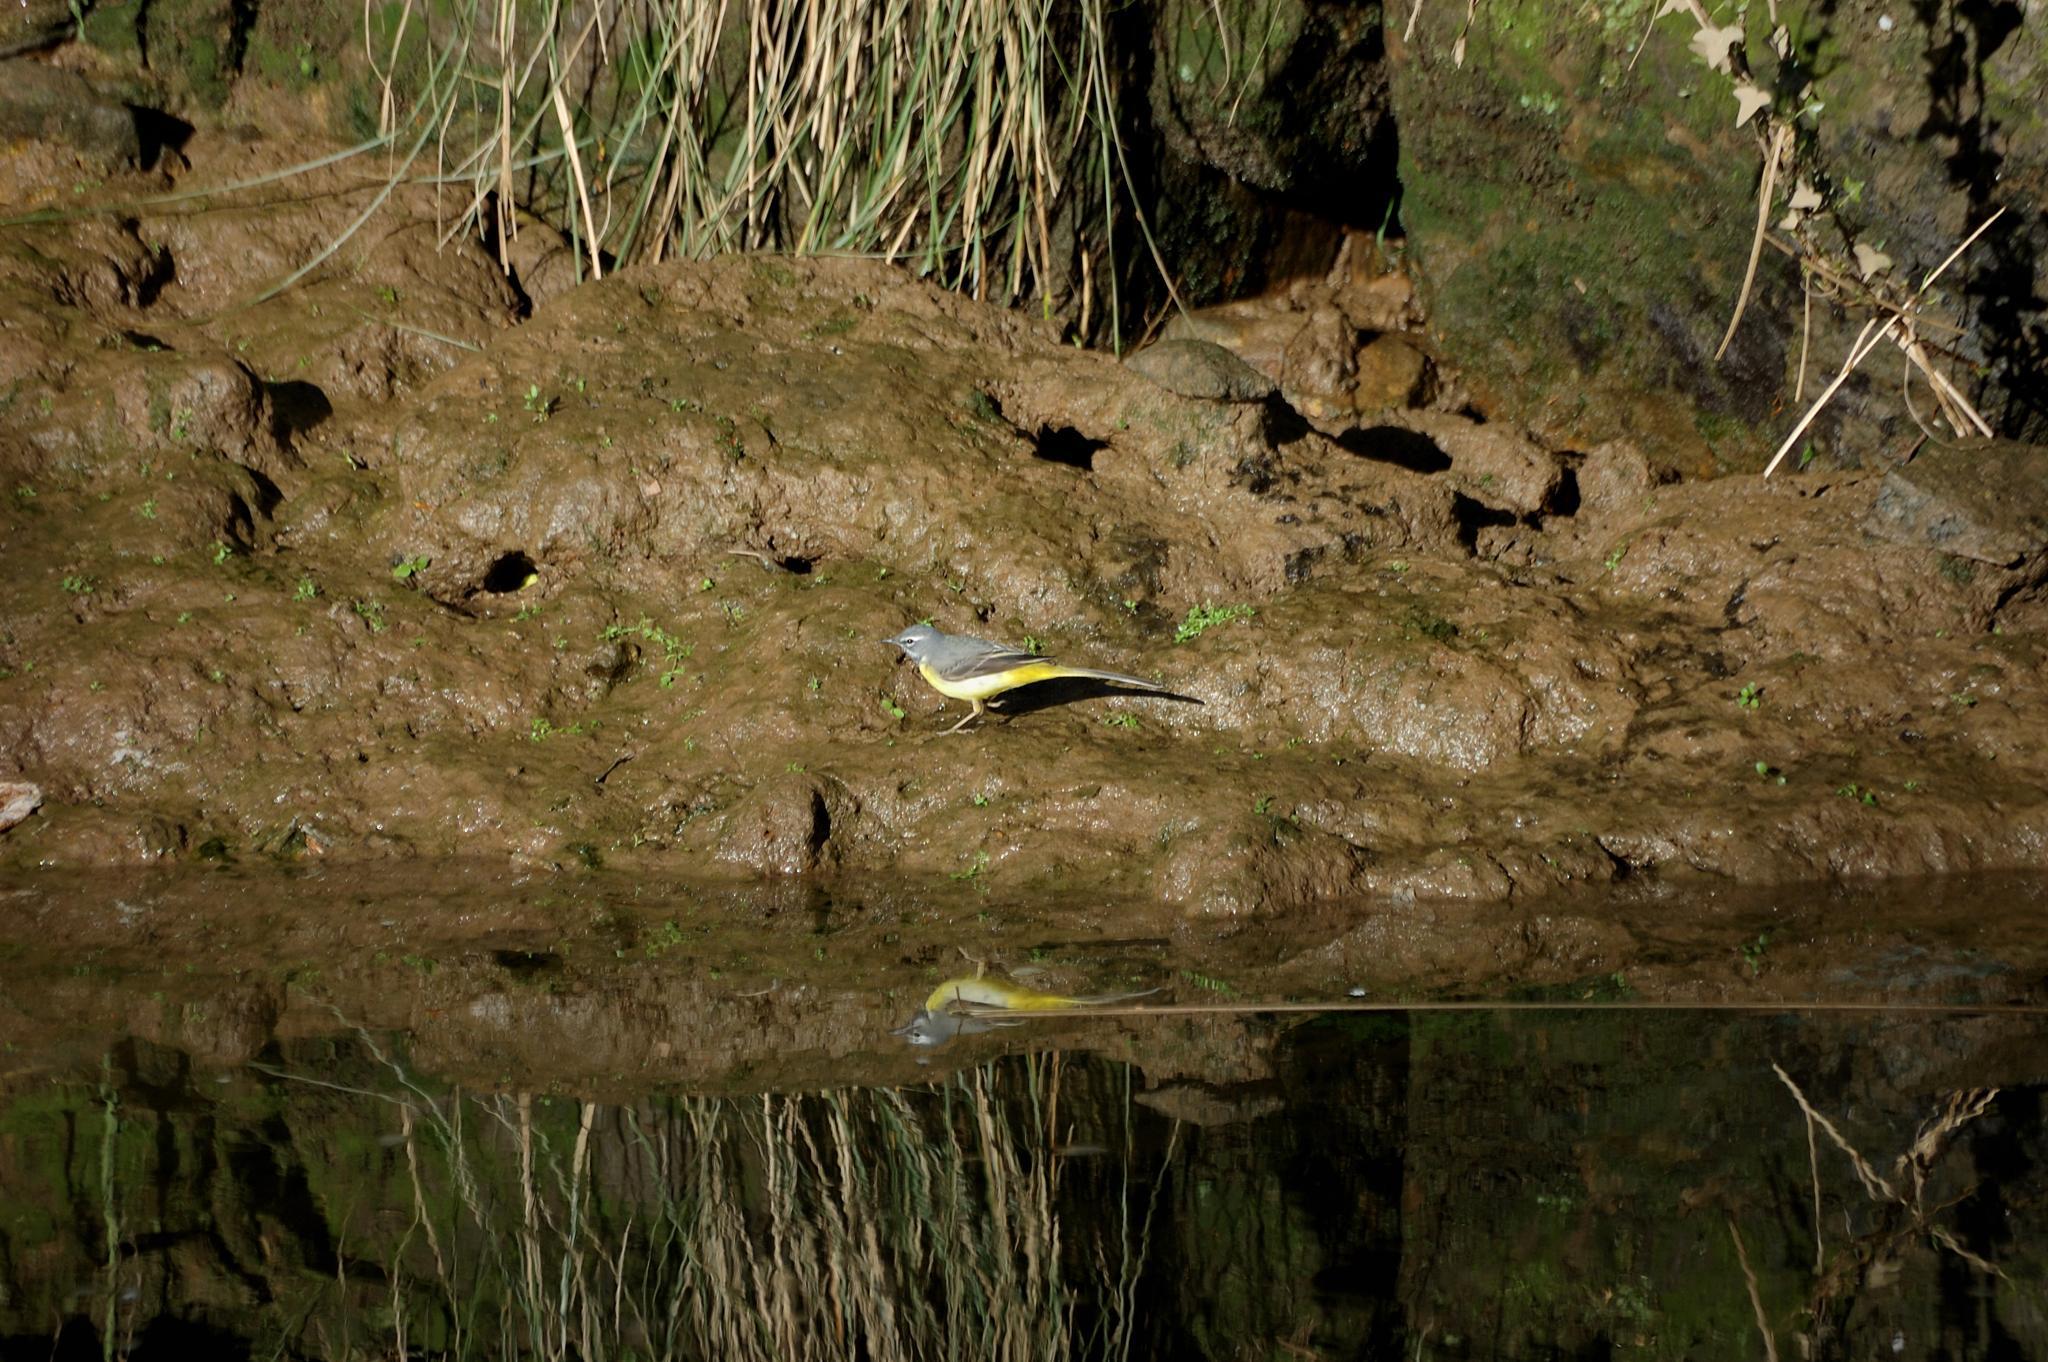 Yellow wagtail by João Almeida